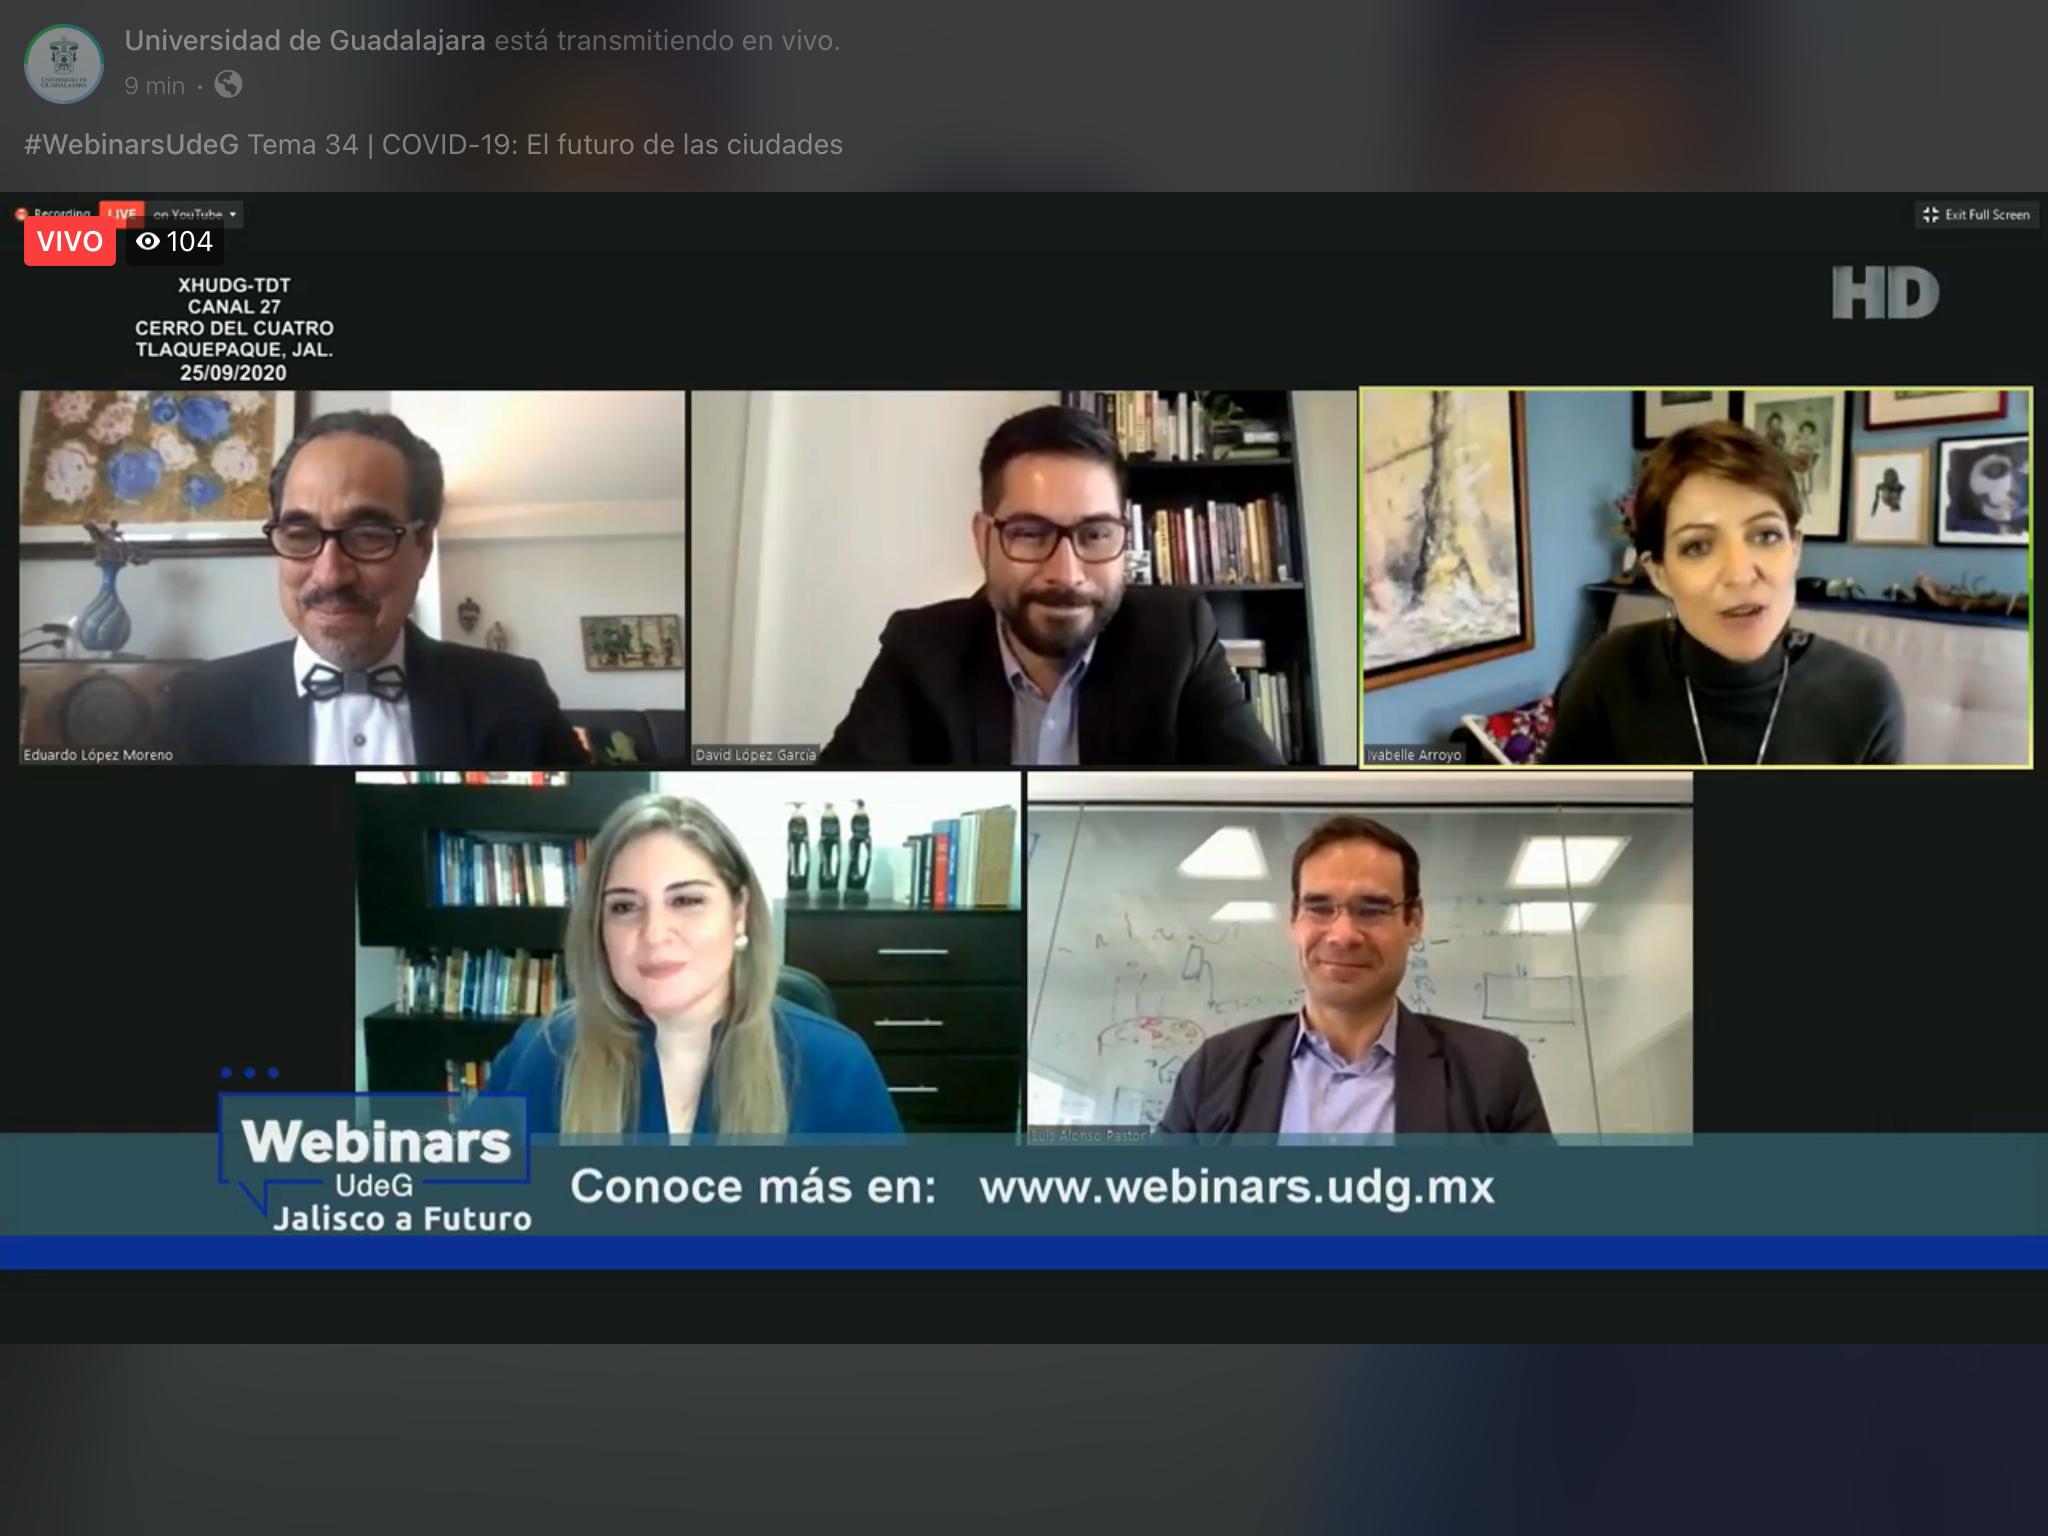 """Realizan webinar """"El futuro de las ciudades"""", organizado por UdeG y Jalisco a Futuro"""